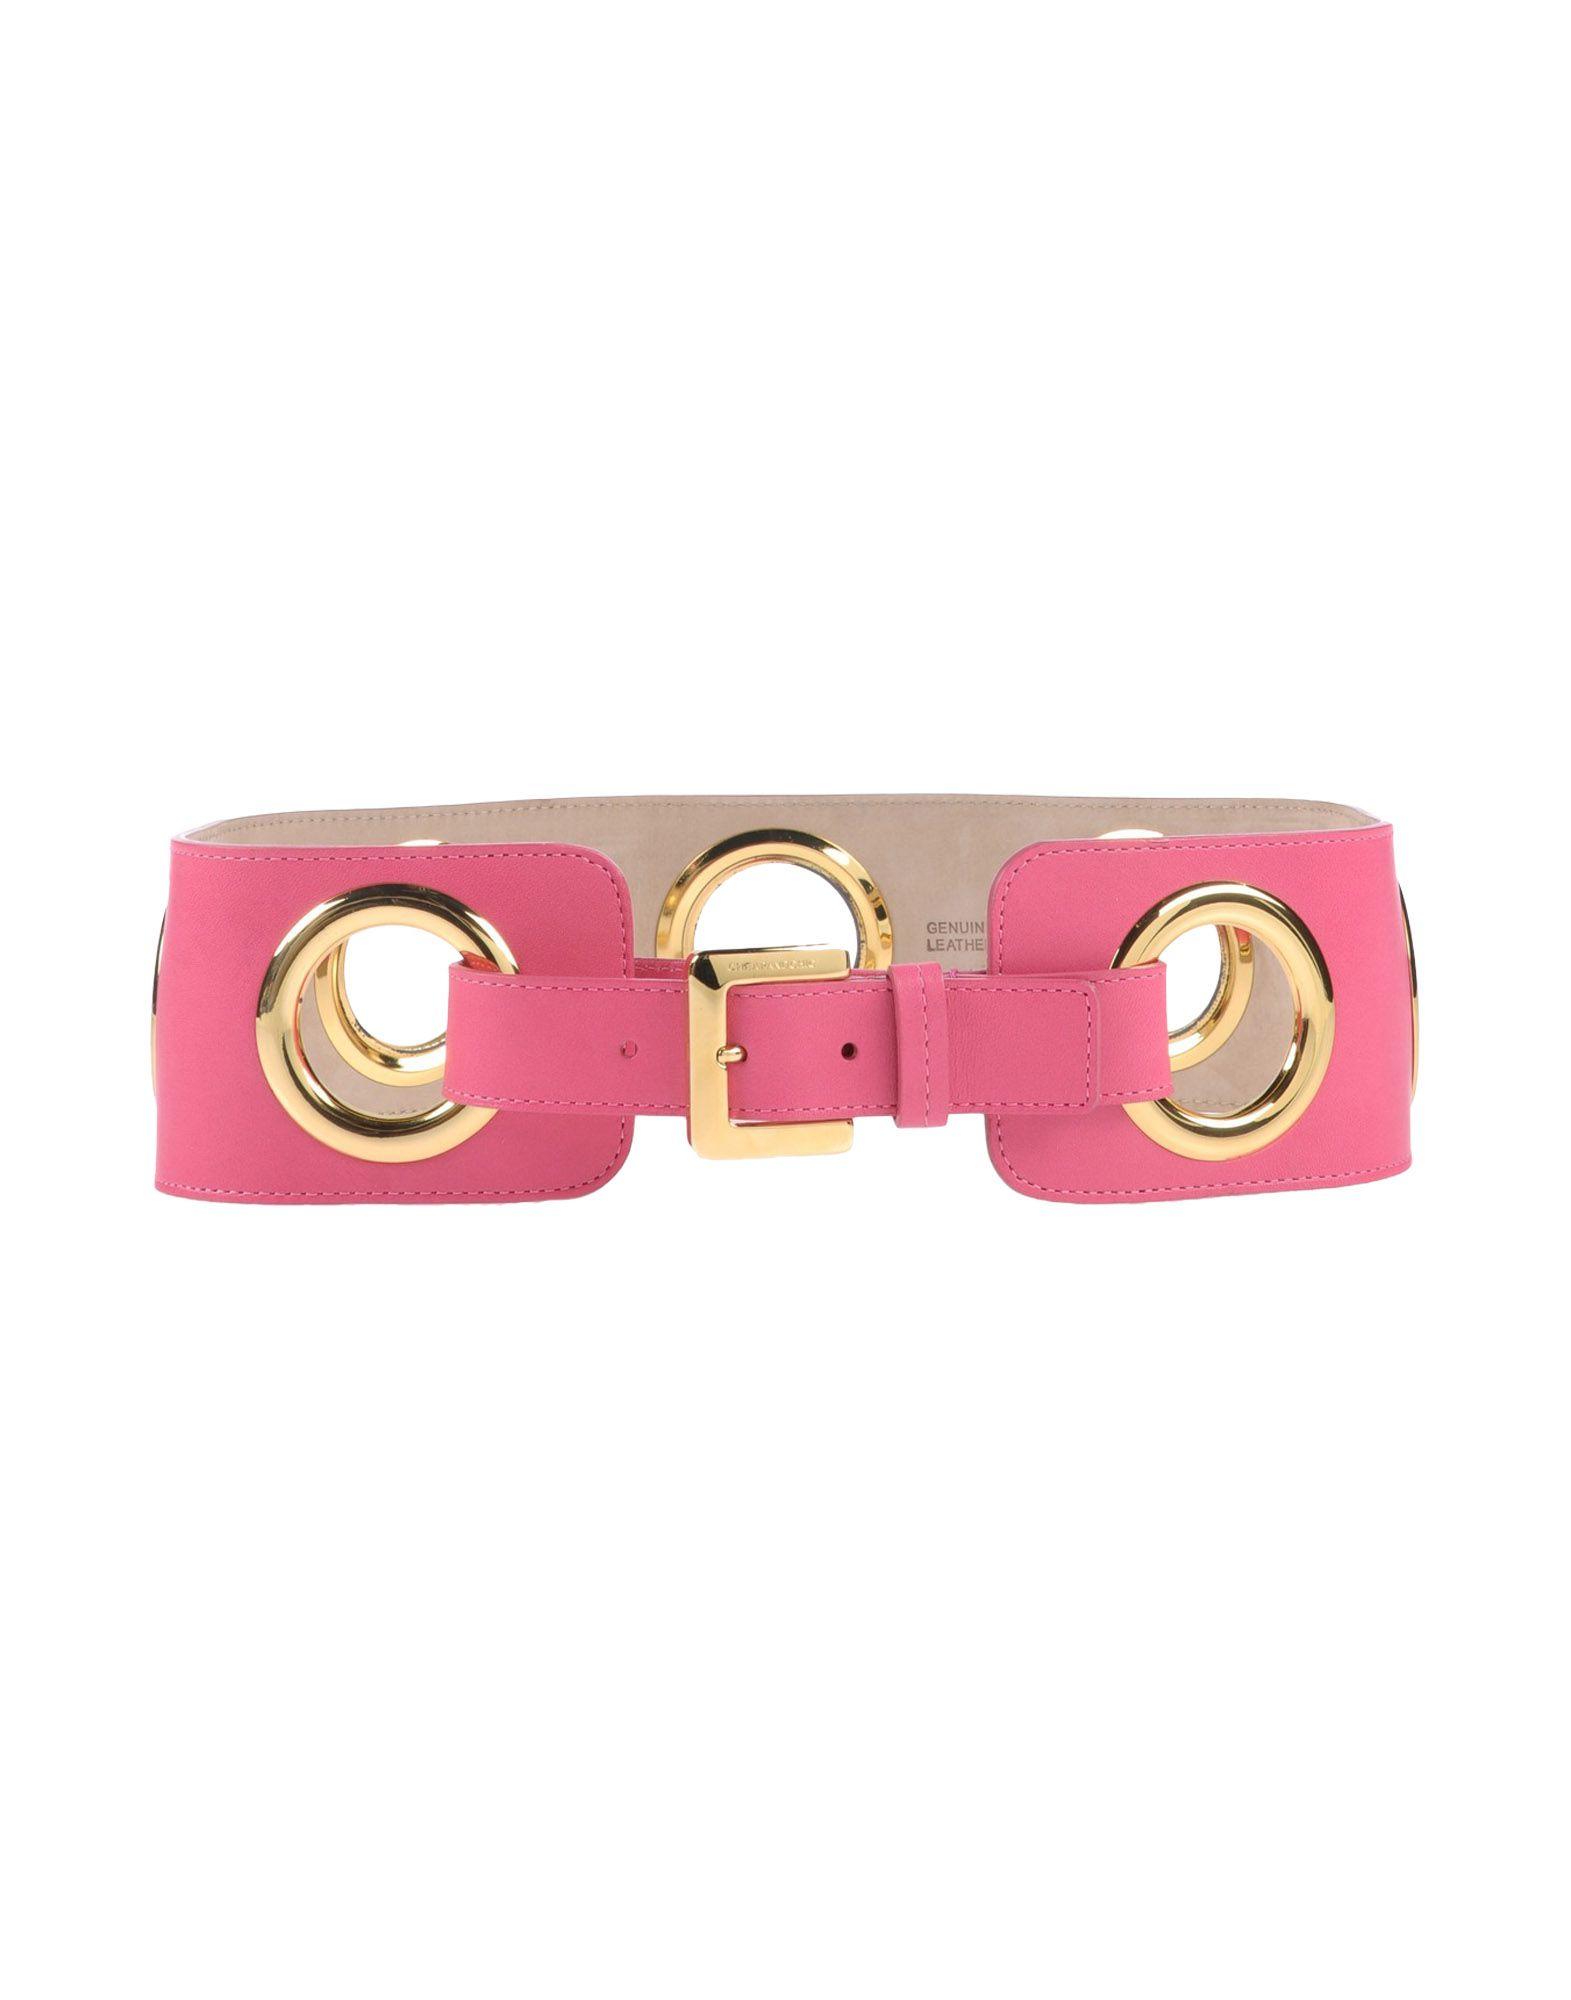 MOSCHINO CHEAPANDCHIC Belts